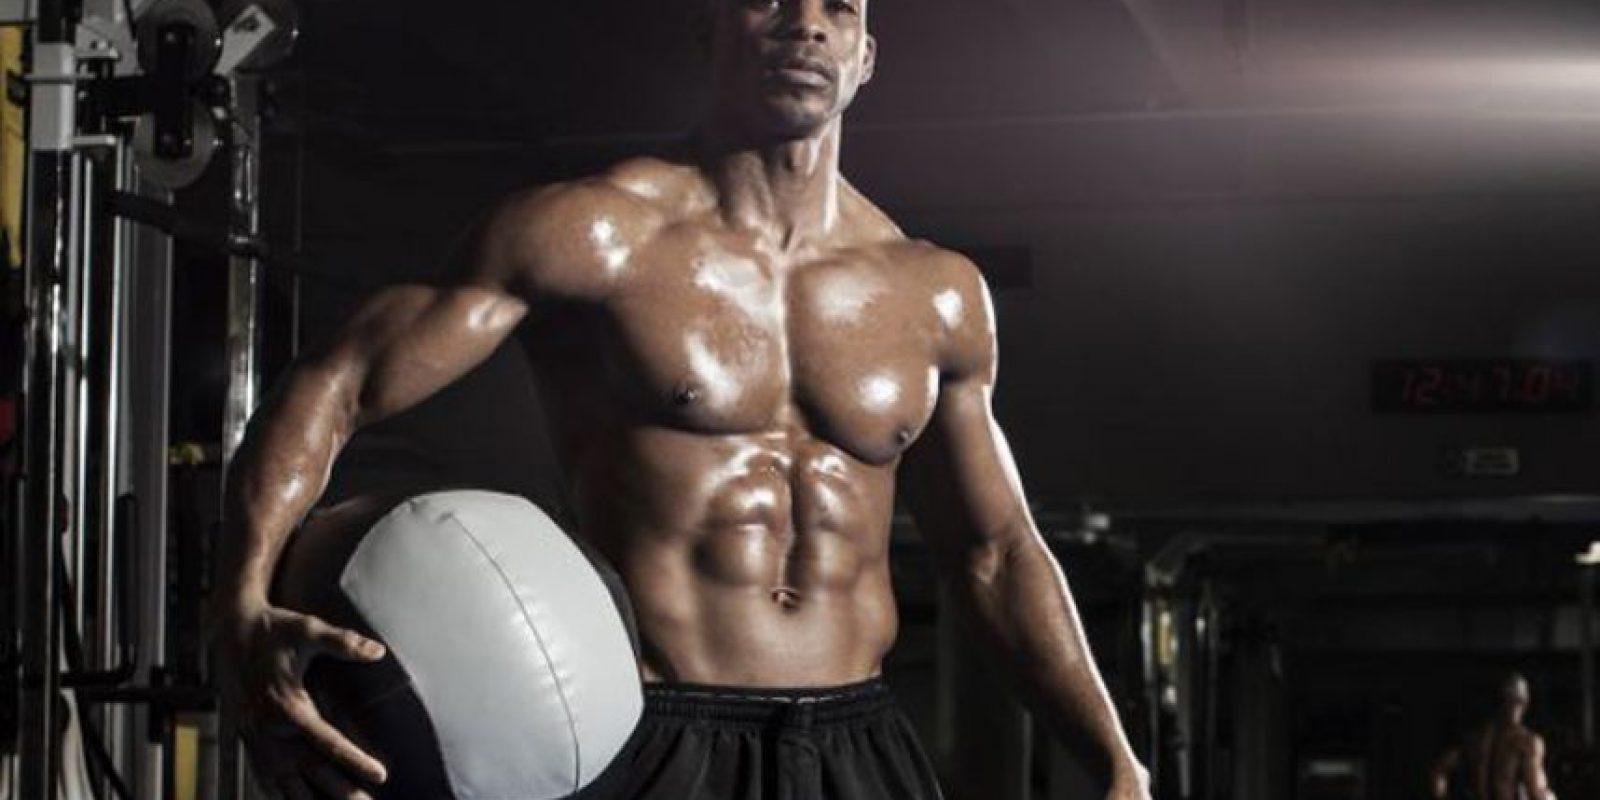 Ngo Okafor es exboxeador, modelo y un apasionado del fitness. Foto:Metro World News